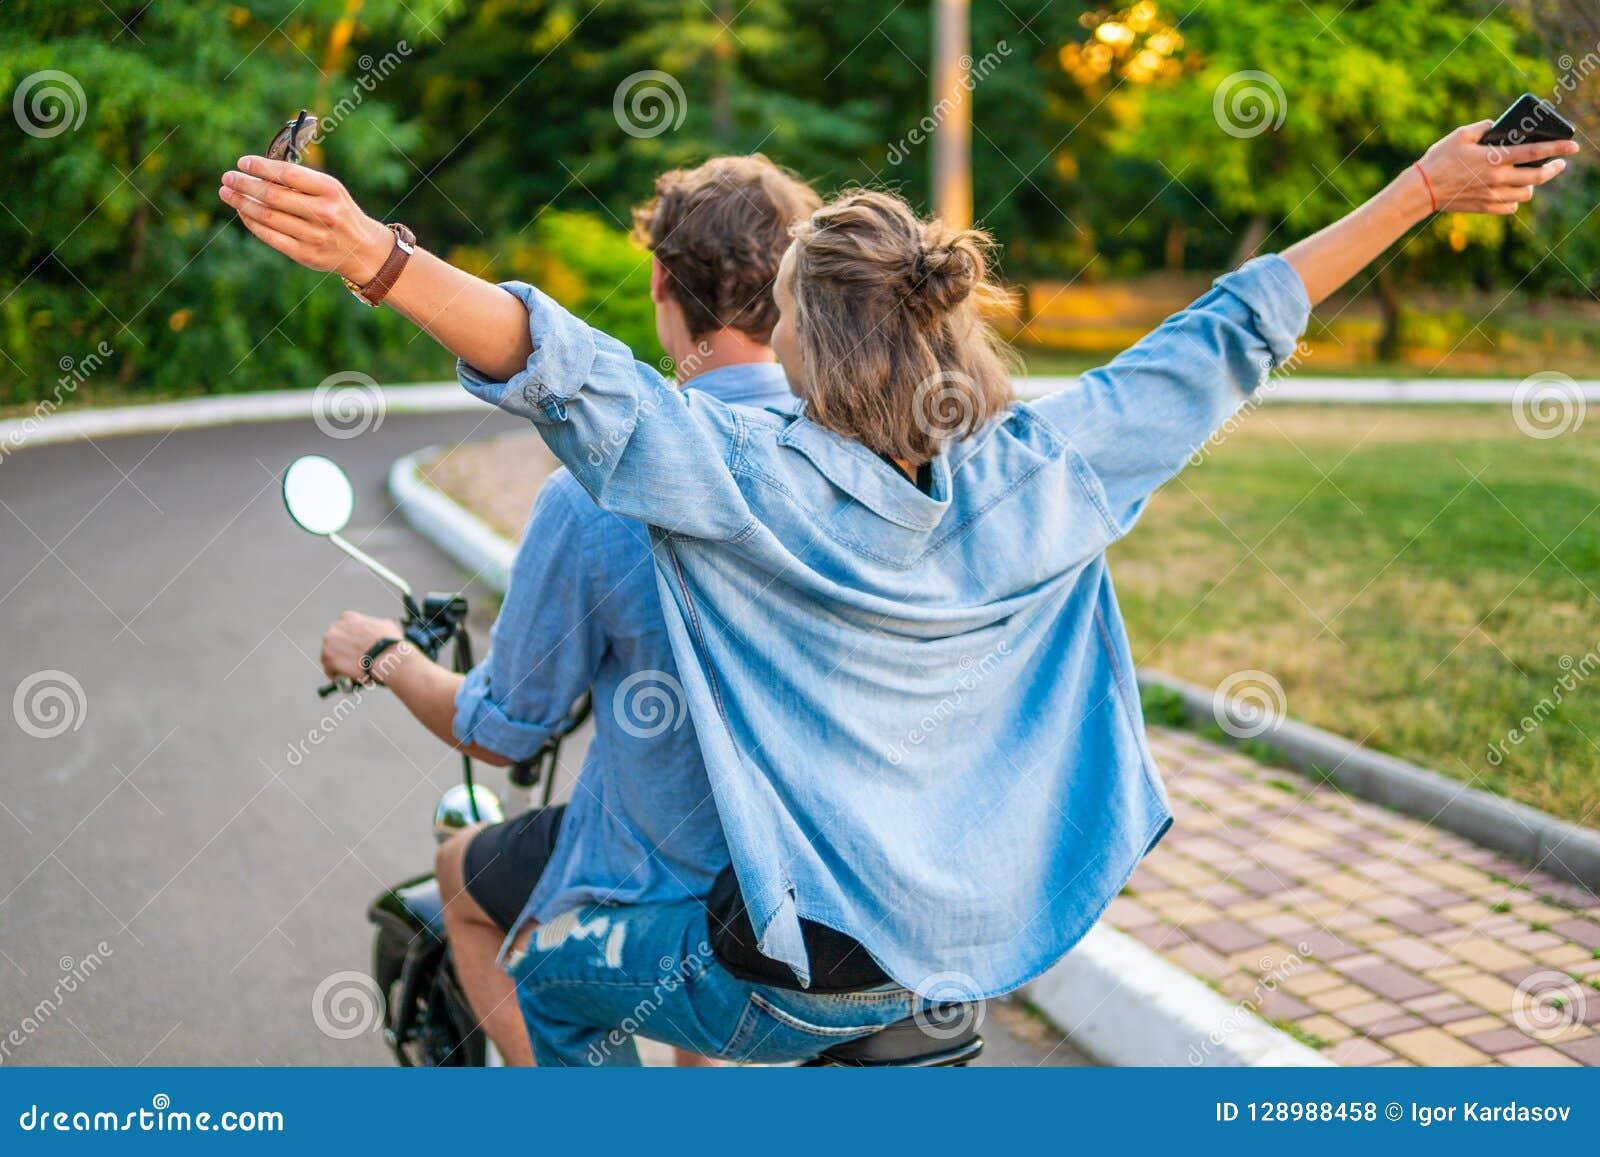 Симпатичные молодые пары управляя электрическим велосипедом во время лета